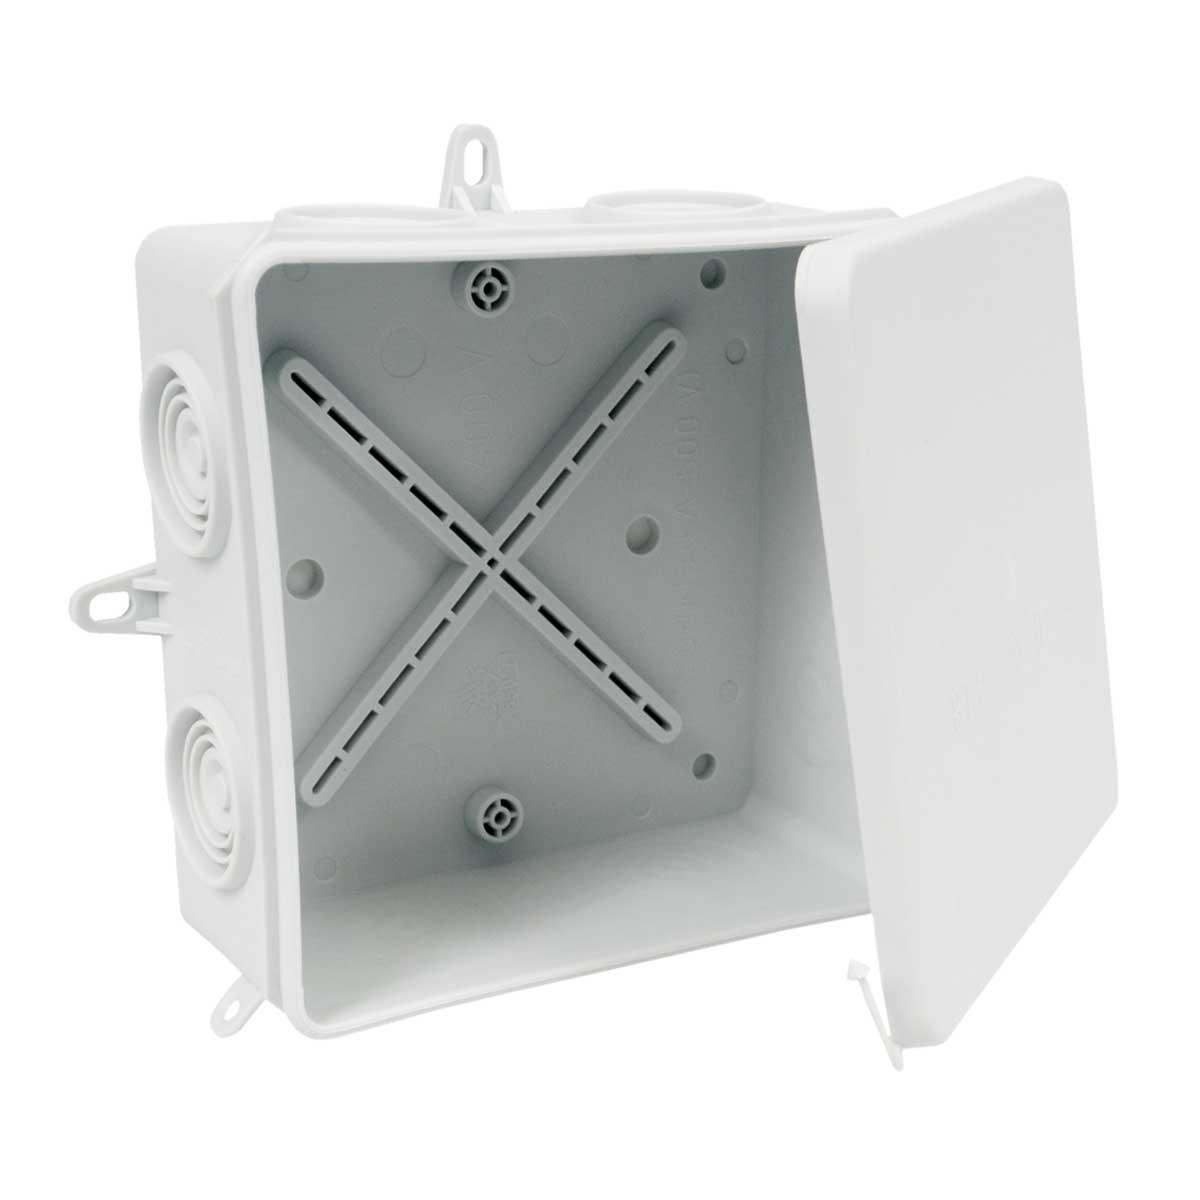 Коробка, IP 54 для зовнішнього монтажу; розміри 110х110х52мм